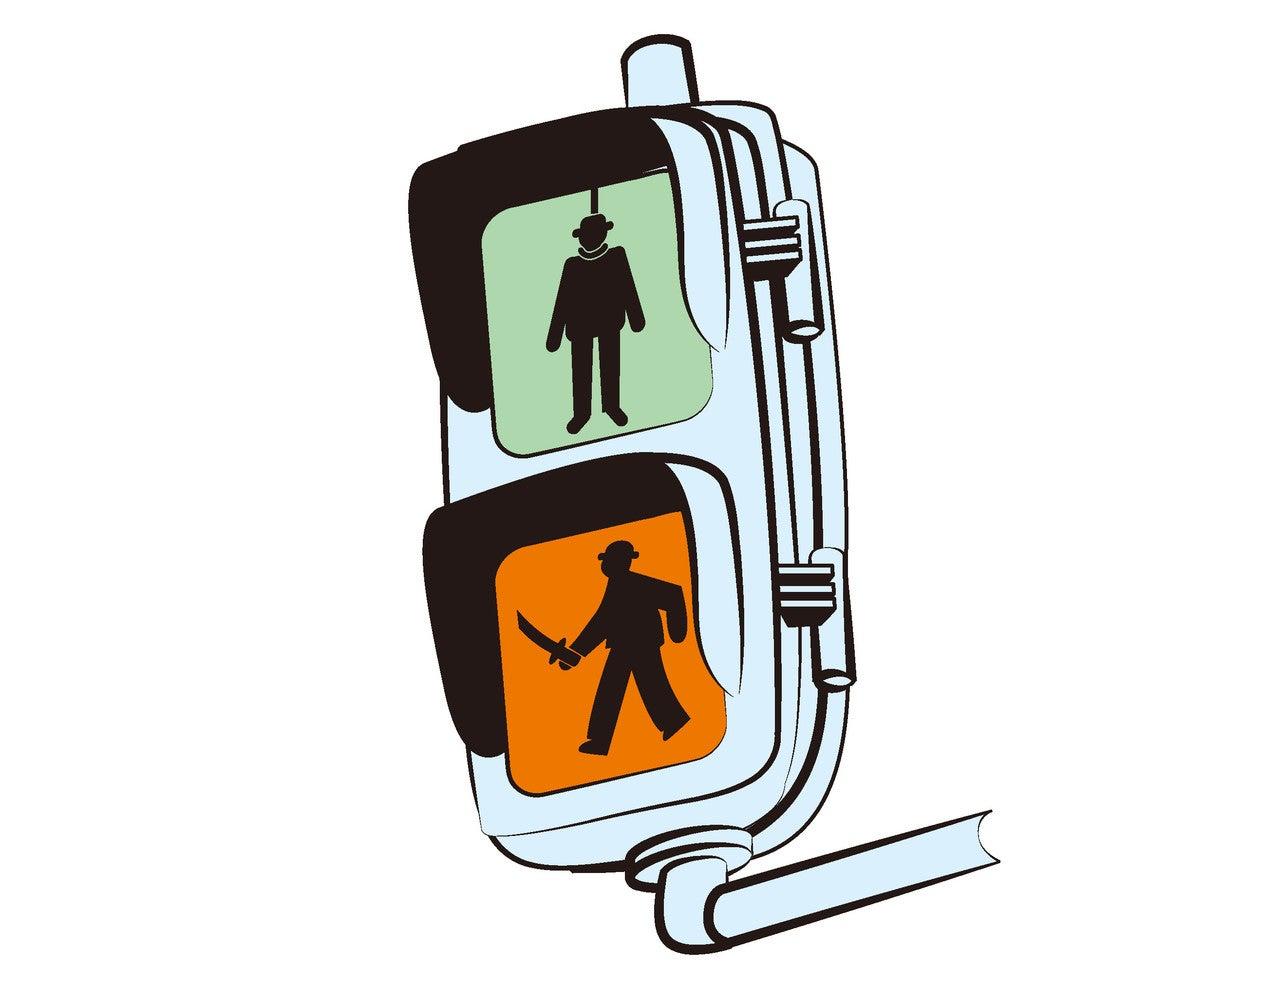 イヤな歩行者信号